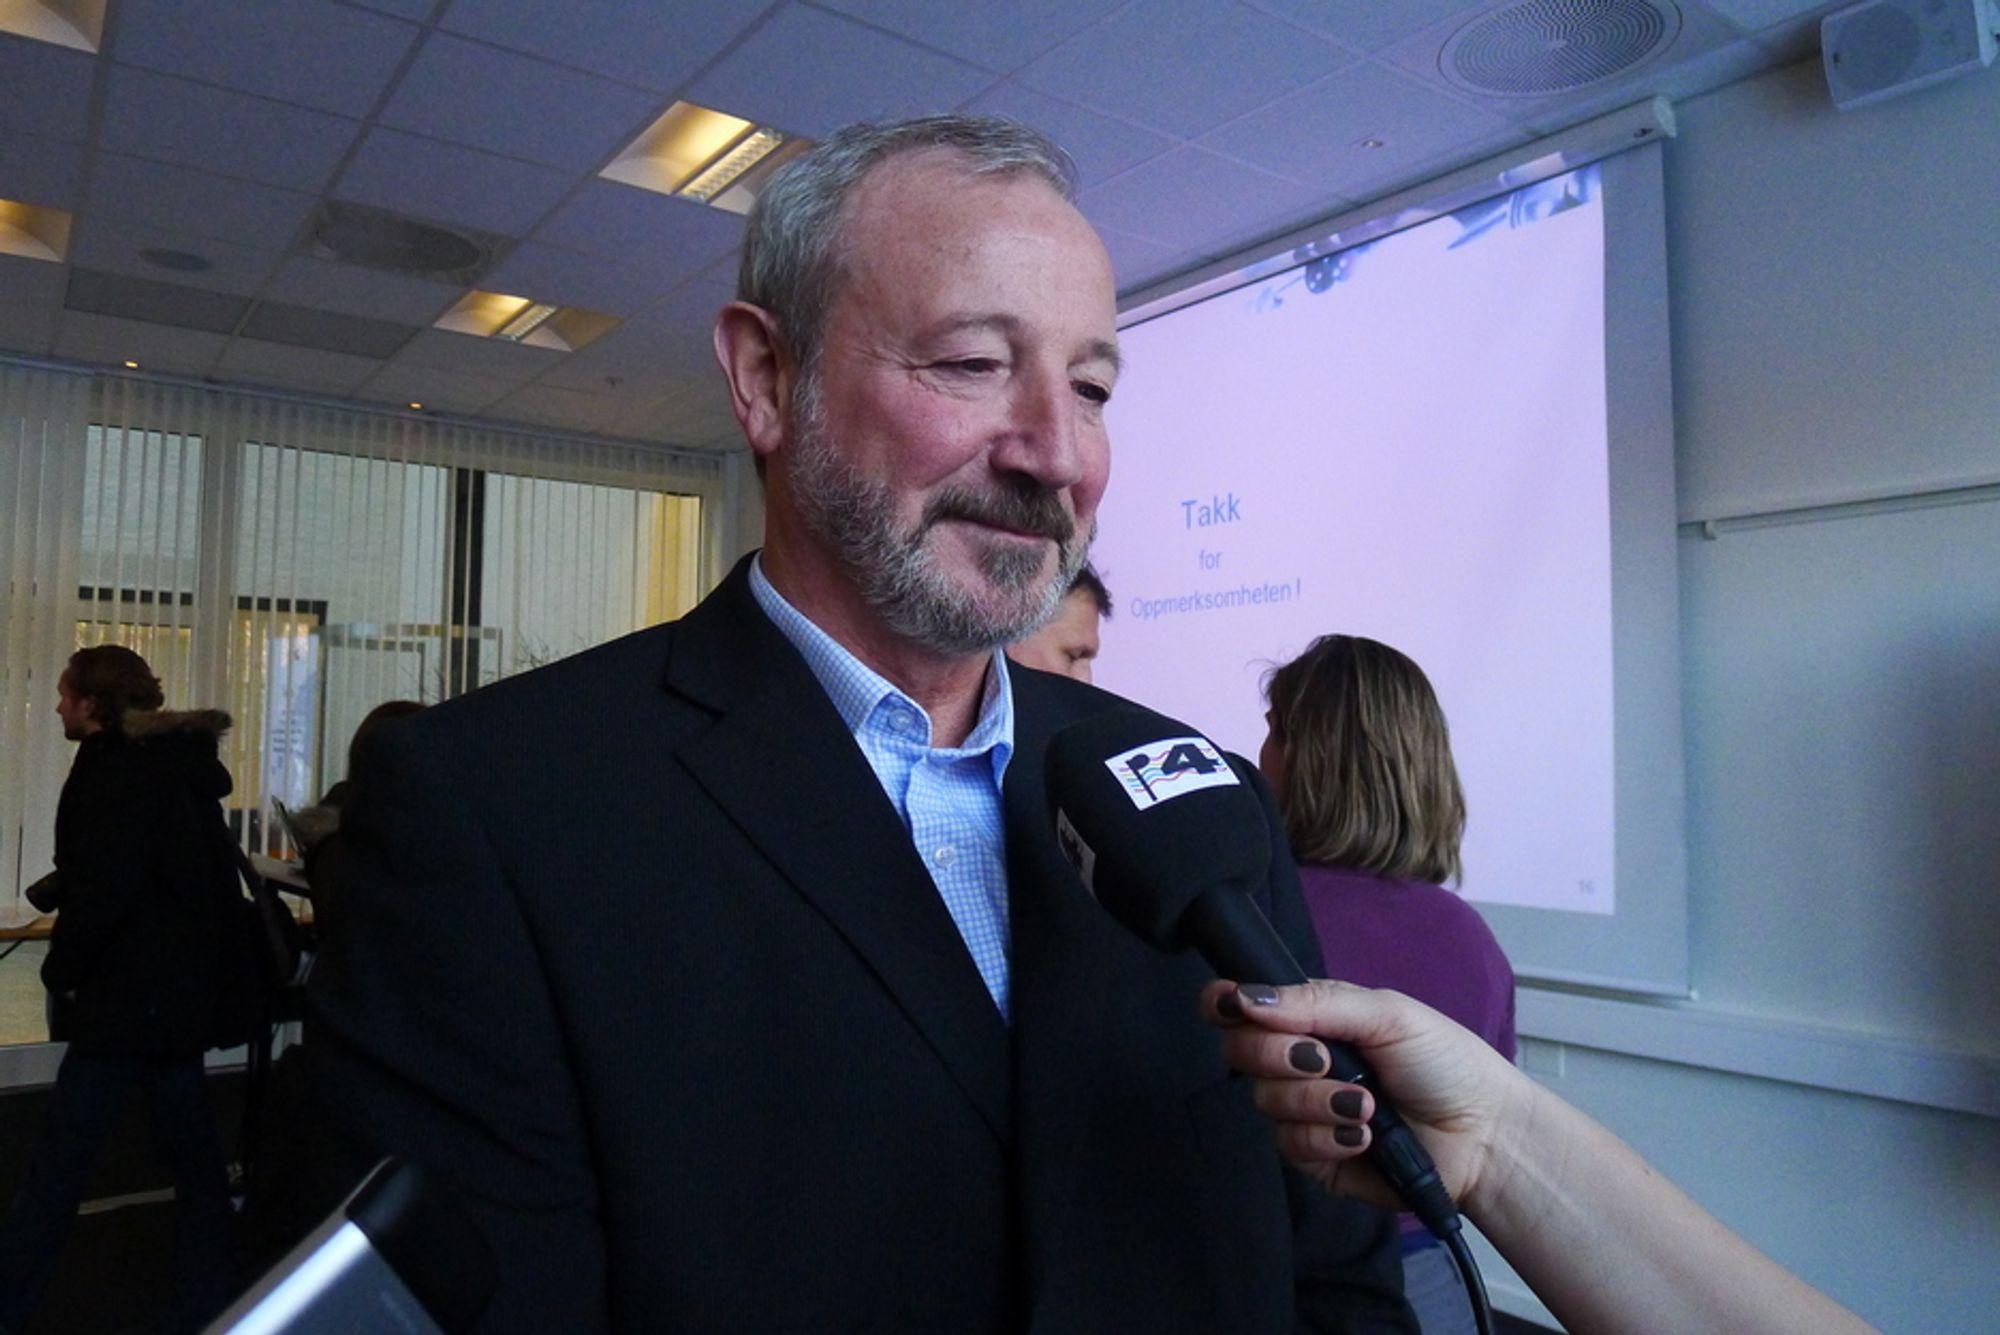 UENIGE: - Flere priser vil på sikt føre til jevnere priser, sier utvalgsleder Torstein Bye fra Statistisk sentralbyrå. Dette synet støtter ikke Energi Norge.